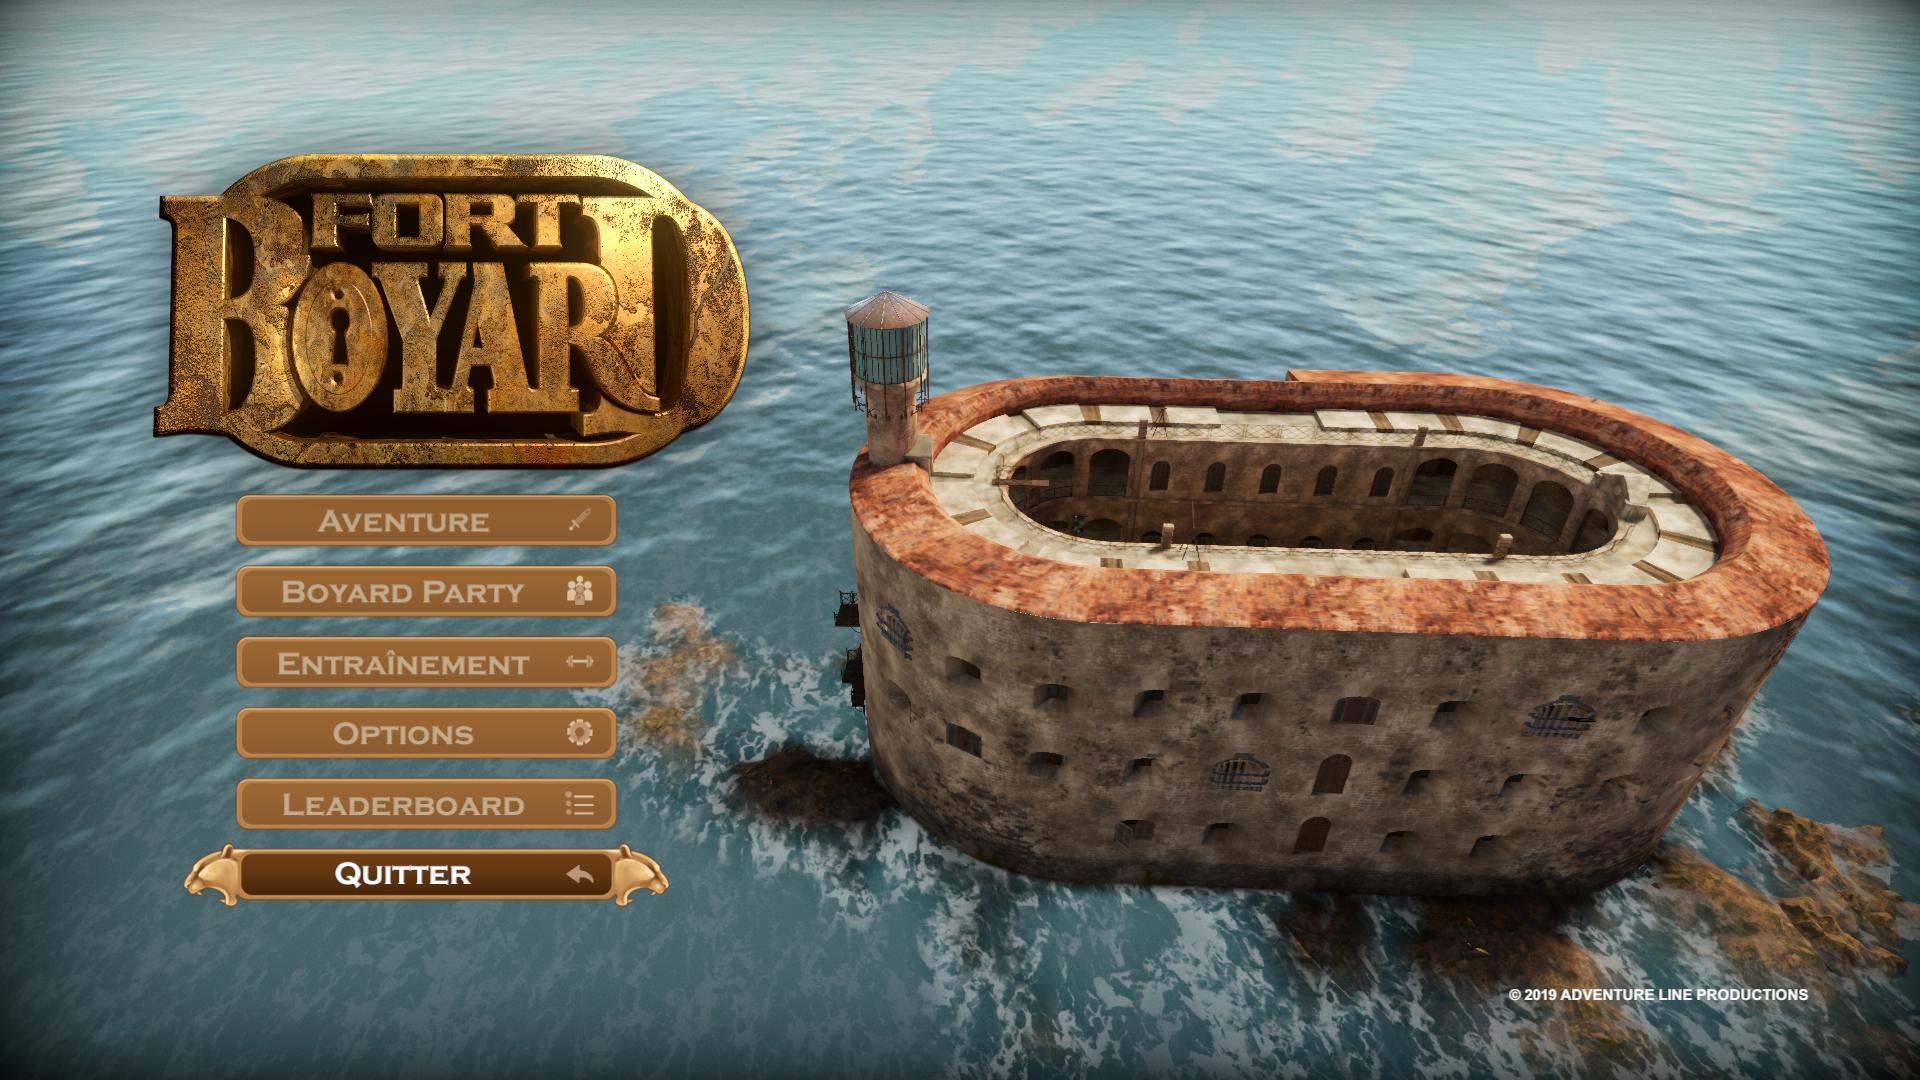 Jeu vidéo Fort Boyard de Microids - PC/Switch/PS4/Xbox One - 2019, 2020 et 2021 - Page 6 1561636097-1058330-20190627120411-1